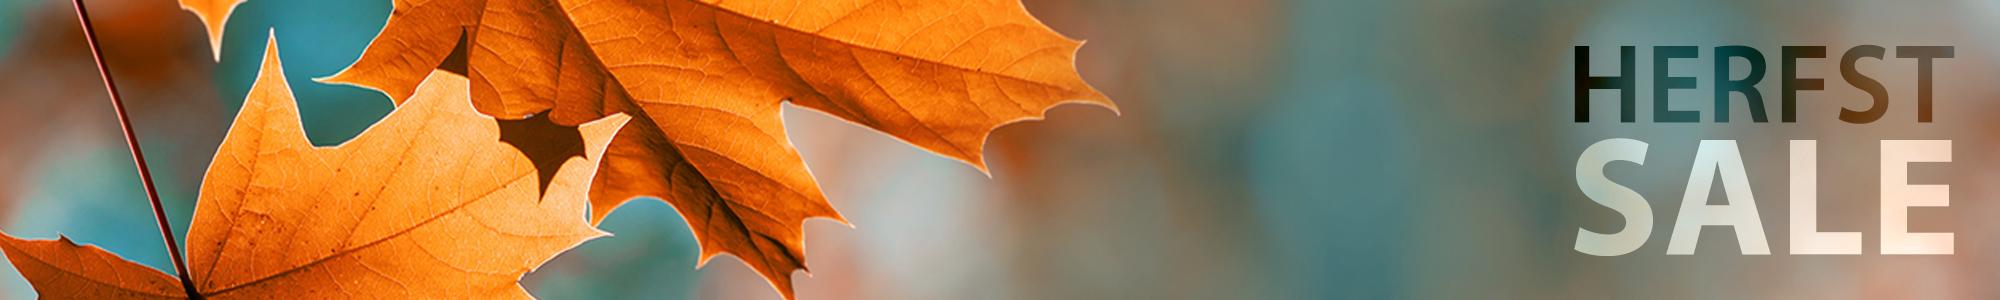 Herfst-sale bij Barry Emons